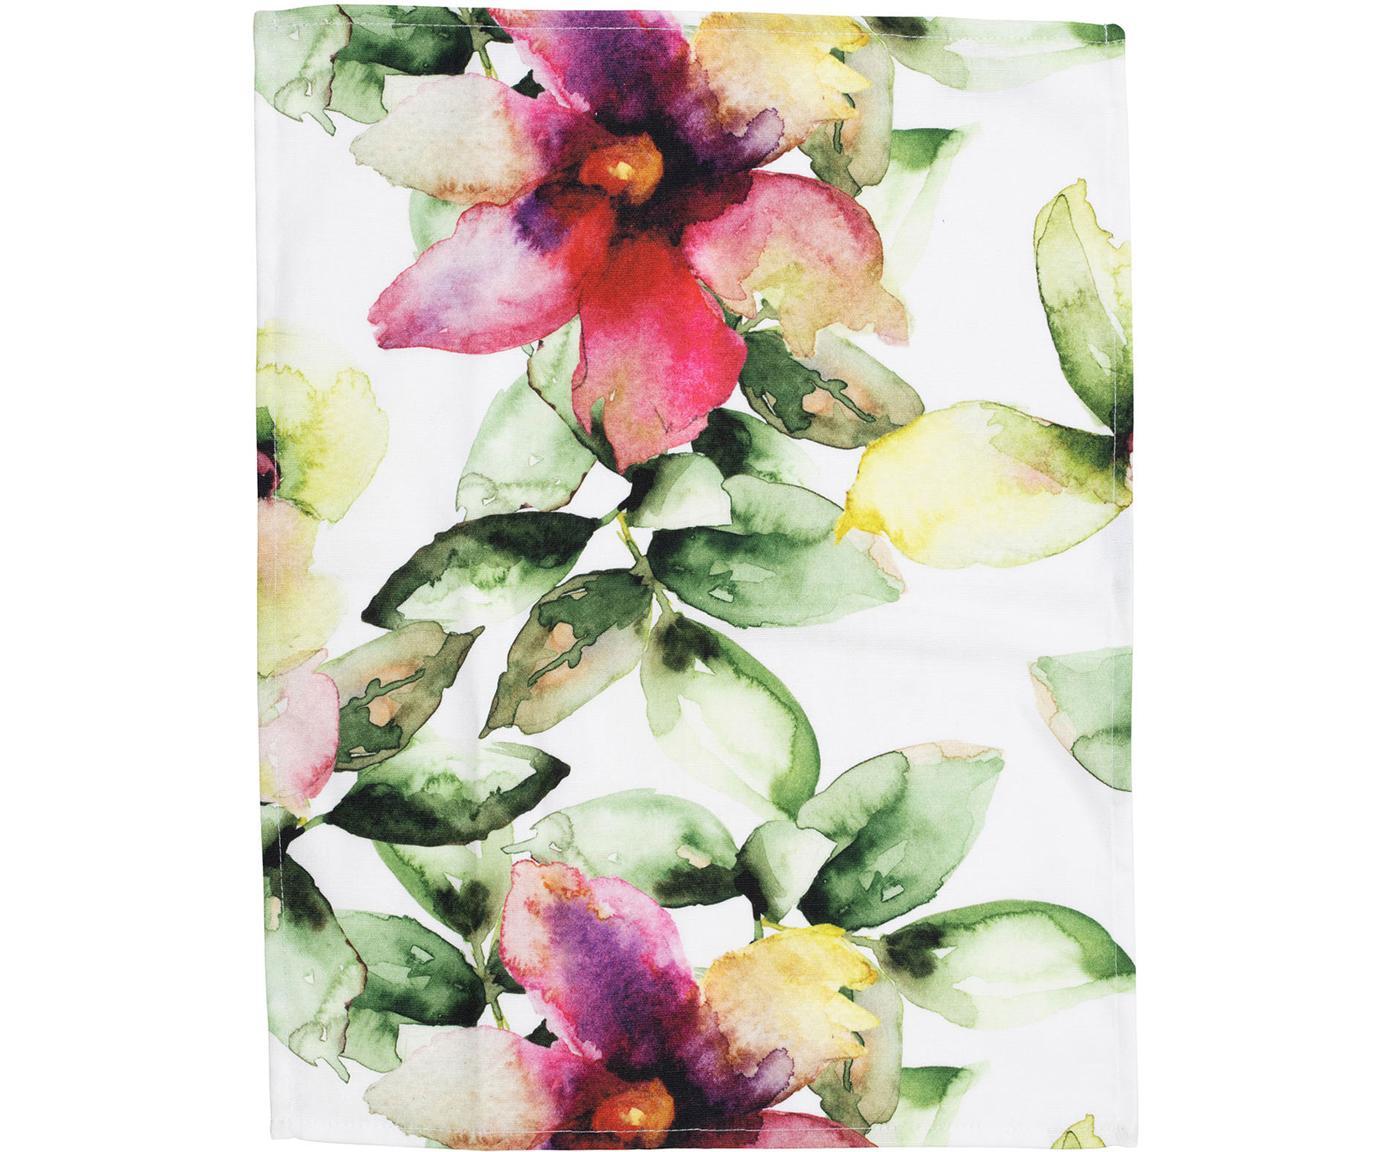 Geschirrtücher Floreale, 2 Stück, Baumwolle, Rosa, Grün, 50 x 70 cm